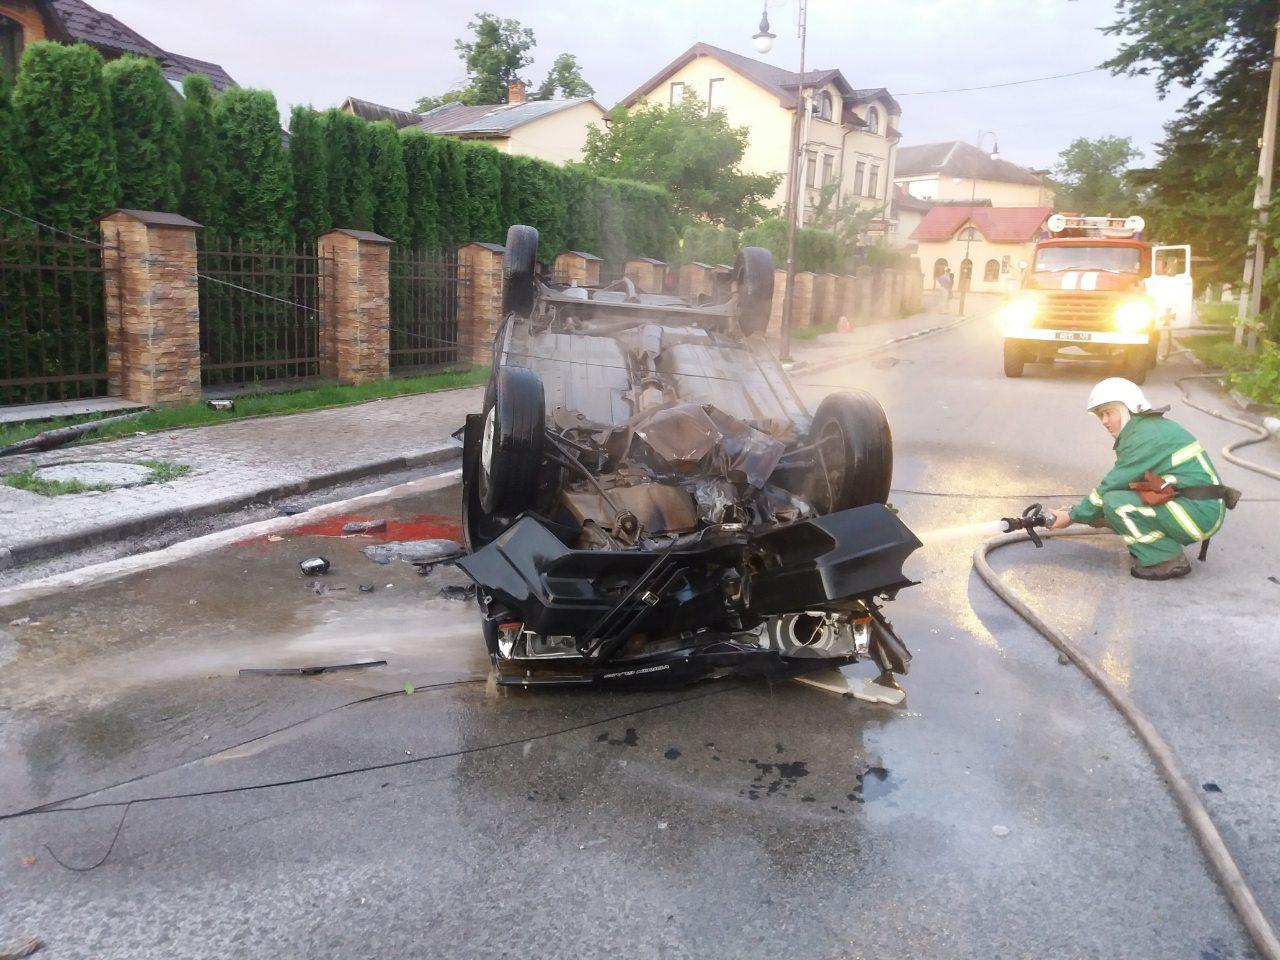 Поліція спіймала водія-втікача, котрий скоїв смертельну ДТП в Болехові. Він був п'яний (ФОТО)